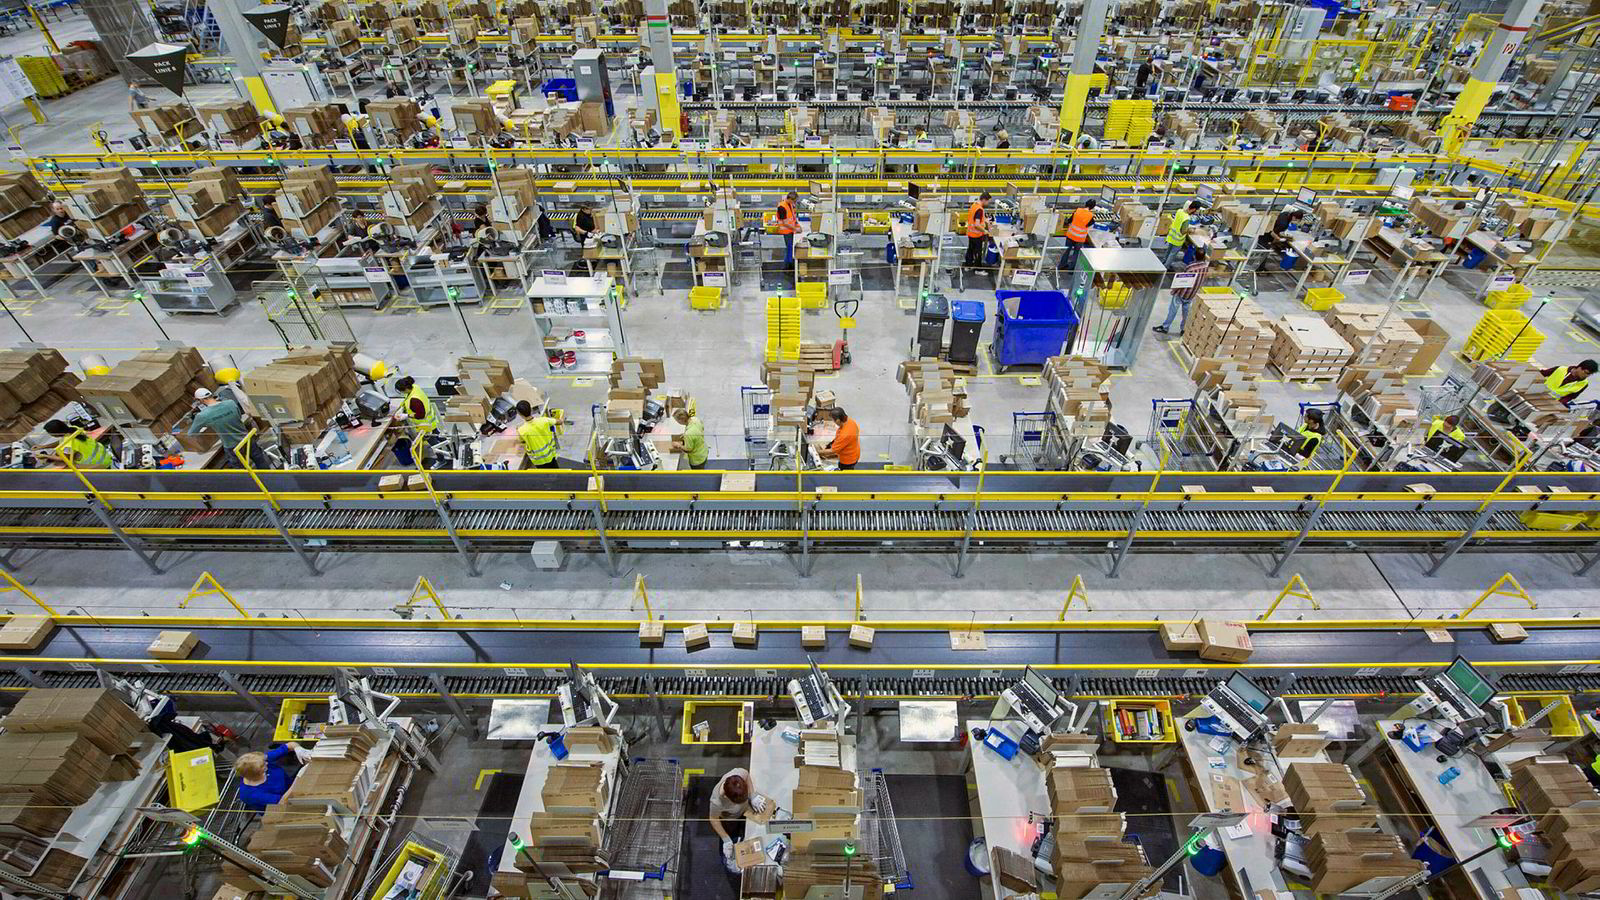 Null føderal skatt kommer ikke av smart skatteplanlegging, men forklares med ekstraordinær verdistigning på aksjene til de ansatte i Amazon. Her fra Amazons lokaler i Tyskland.